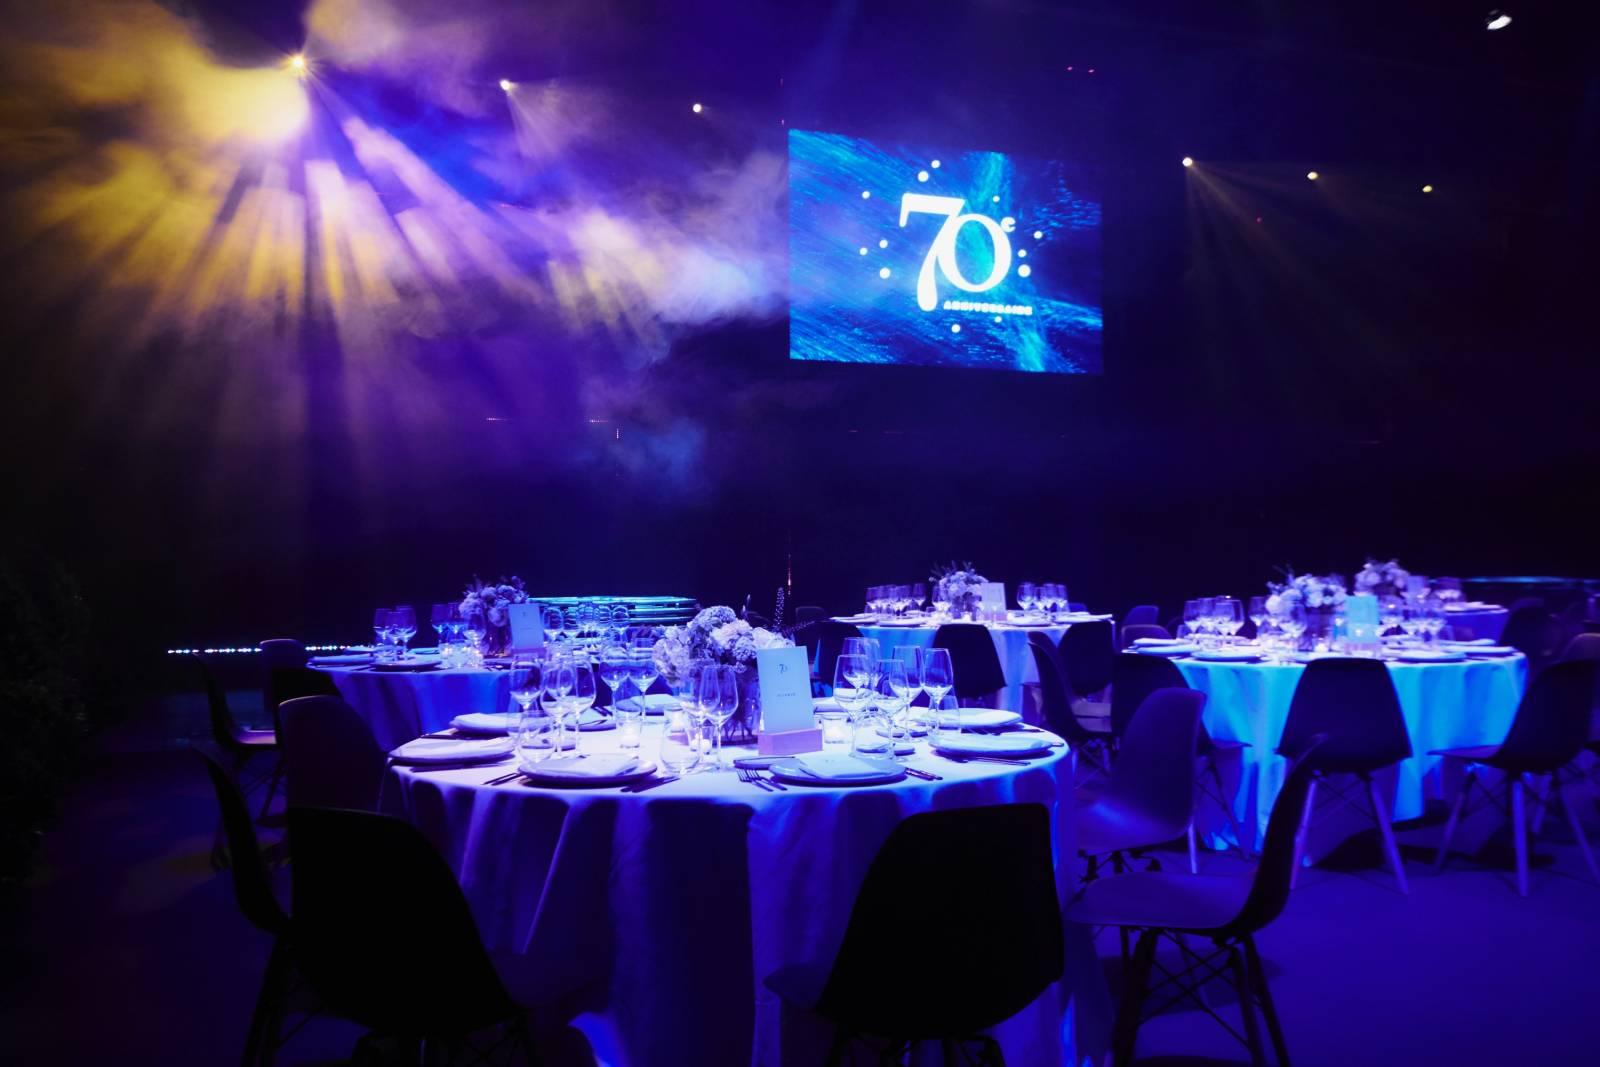 Présence - Event Planner - House of Events - 3